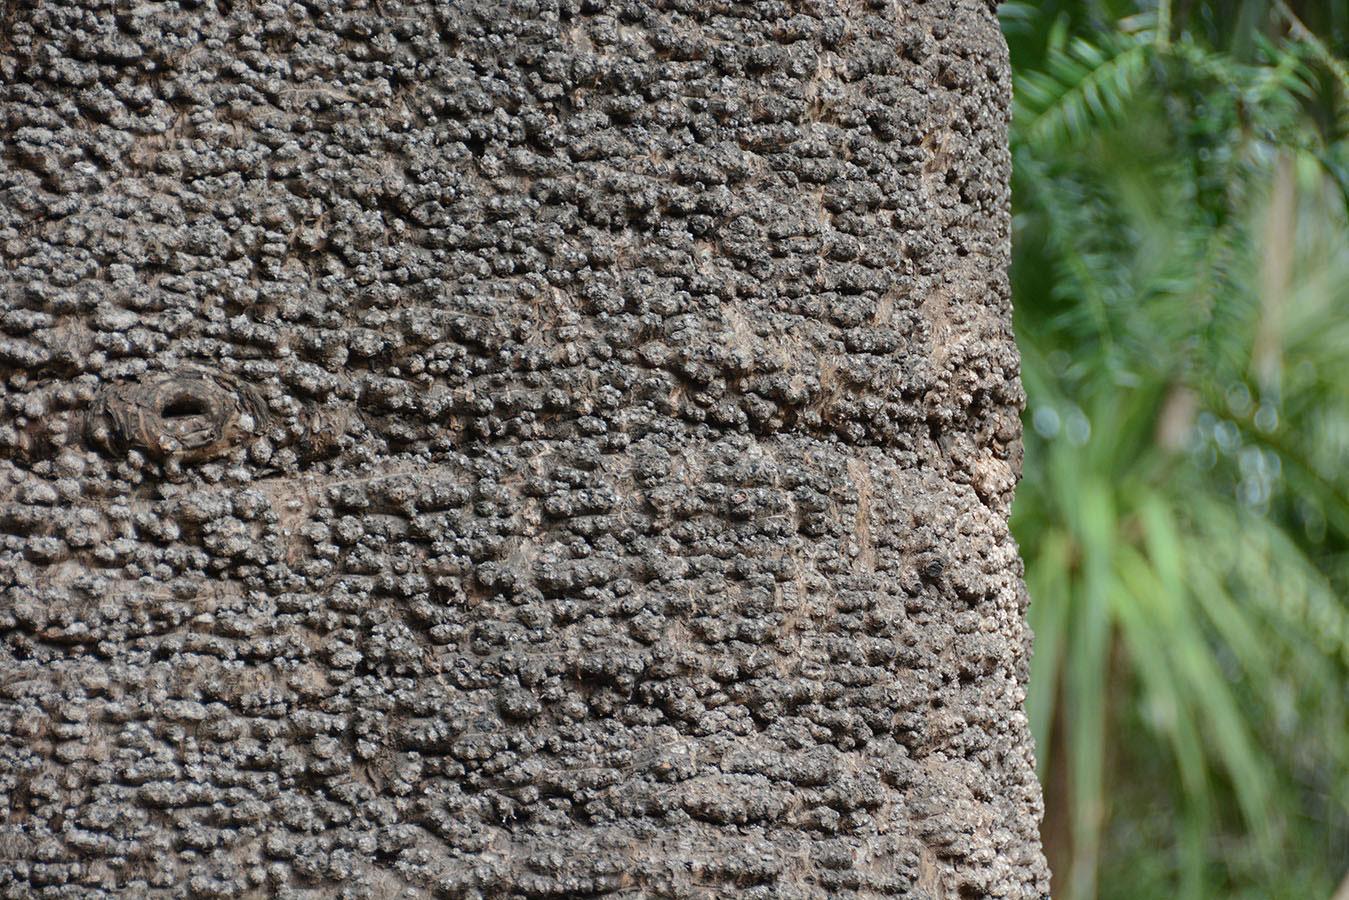 Bark-of-Bunya-nuts